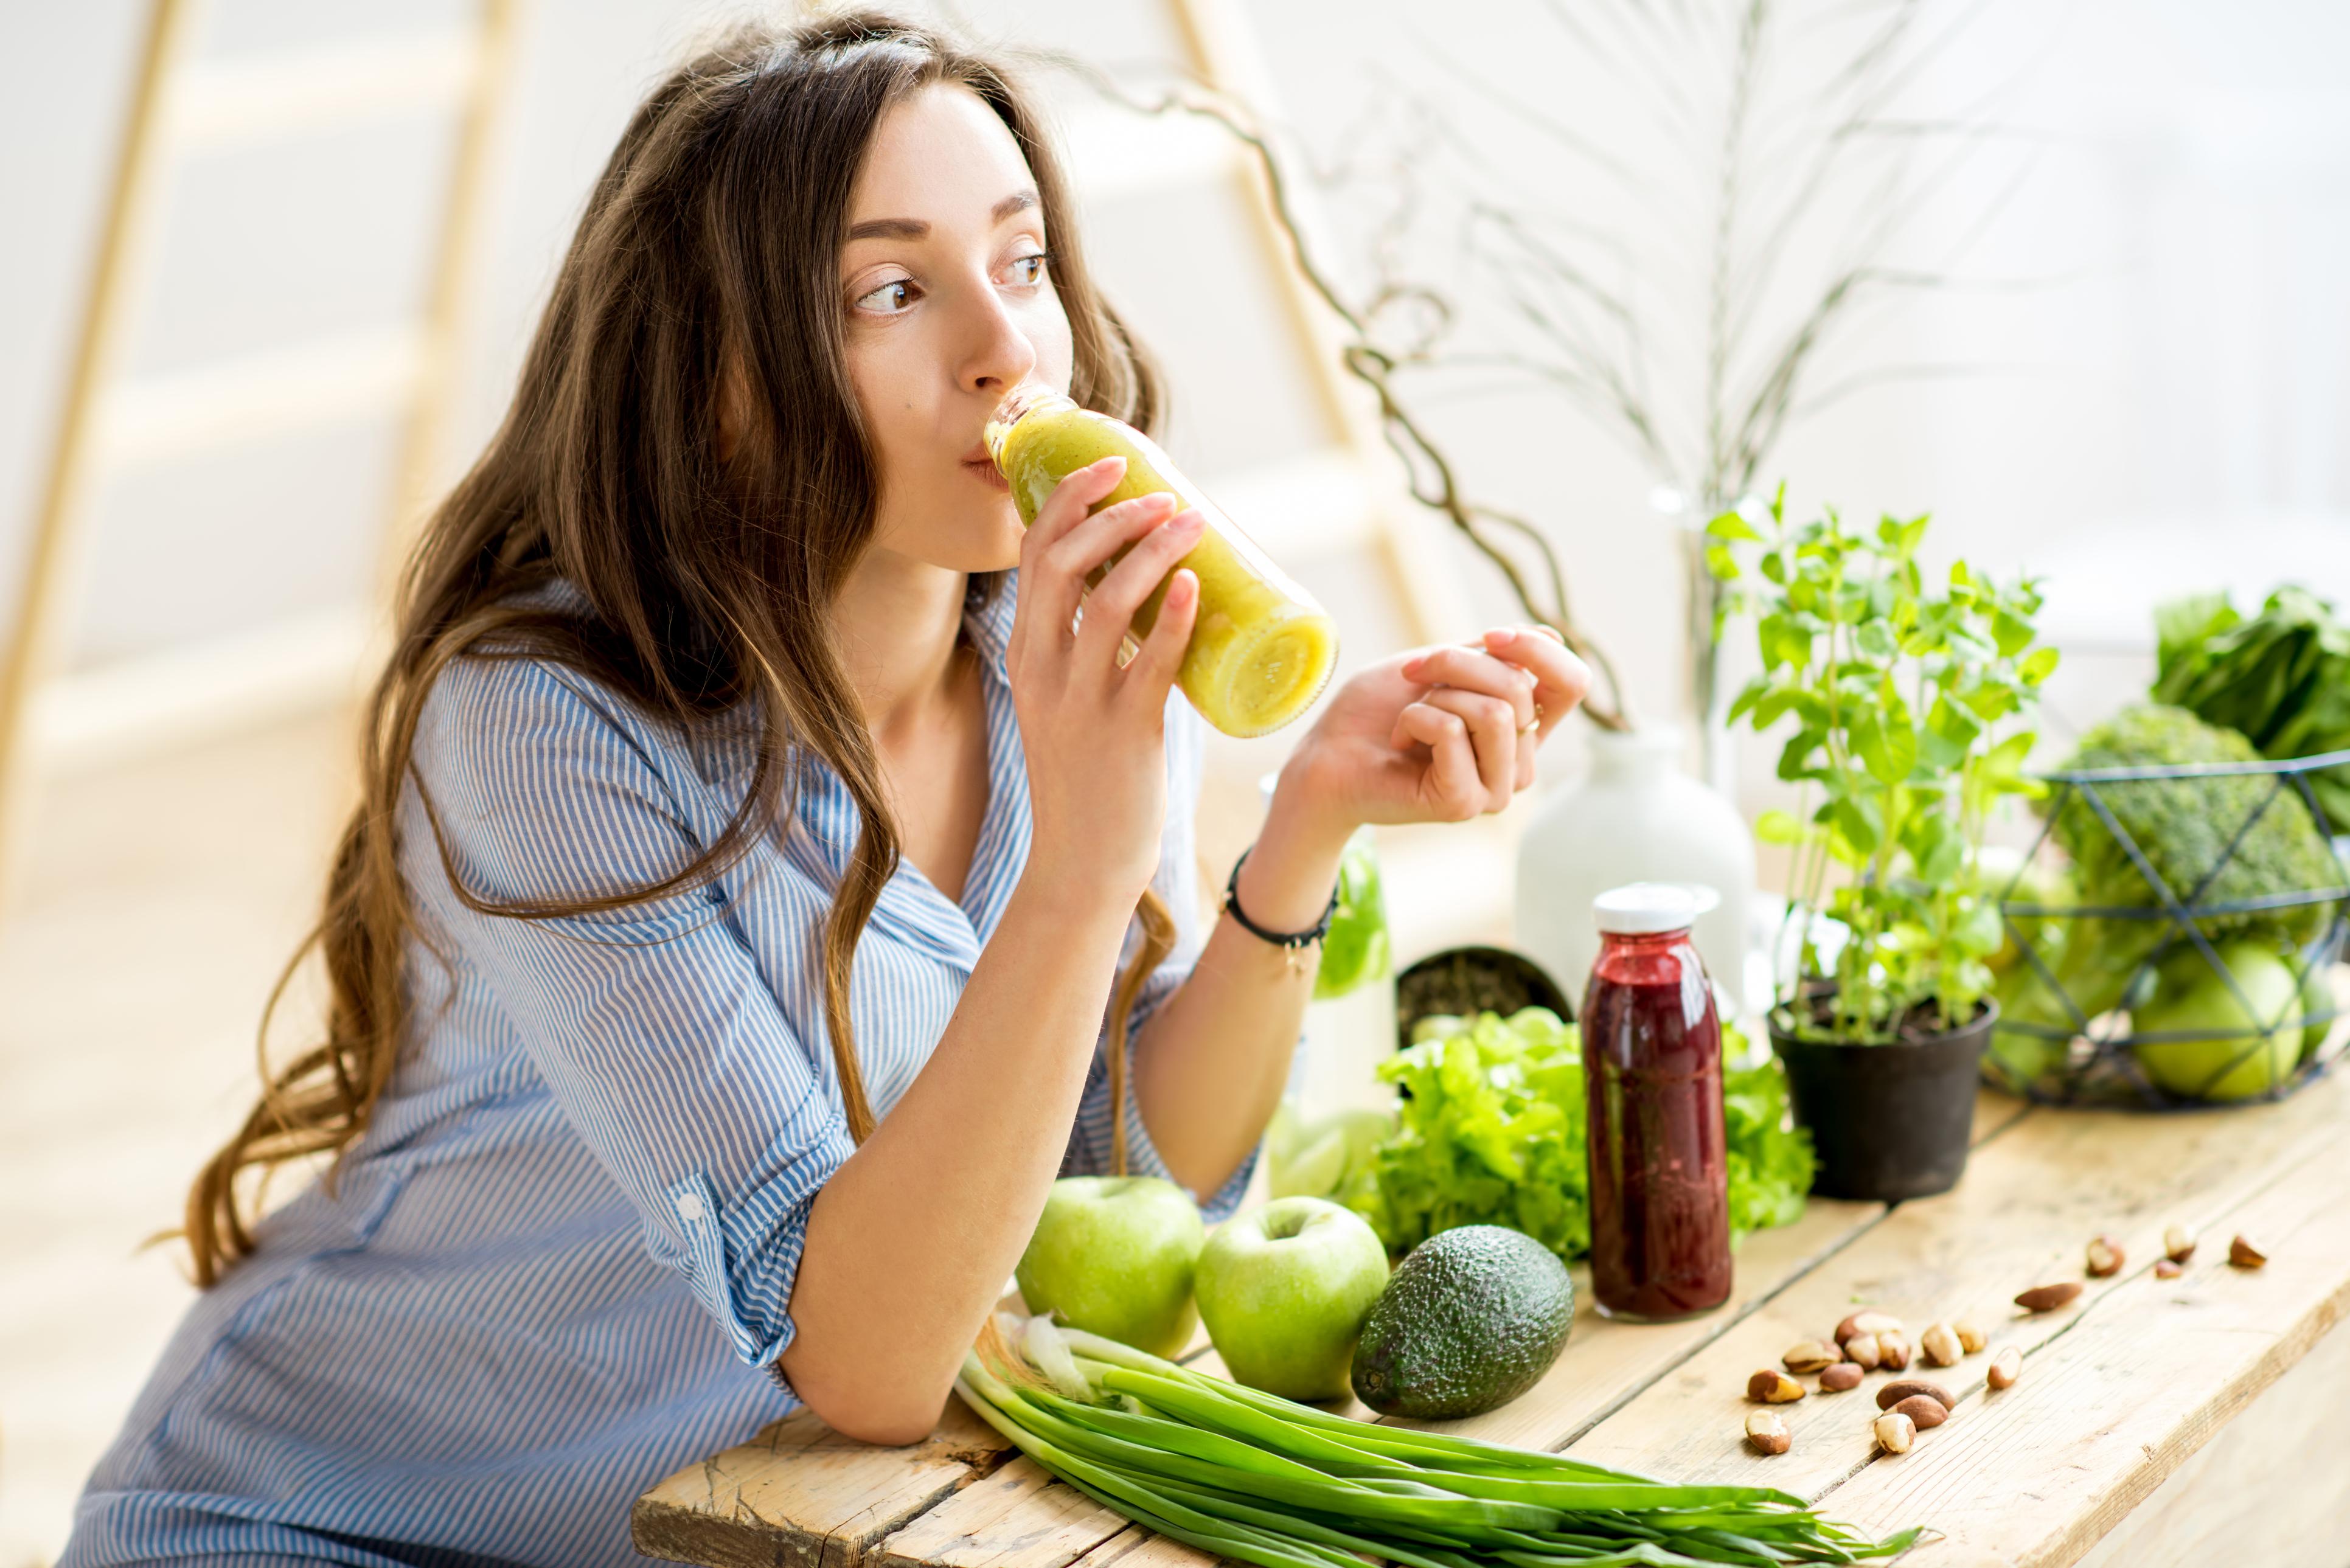 תהליך ניקוי בעזרת תזונה וצמחי מרפא